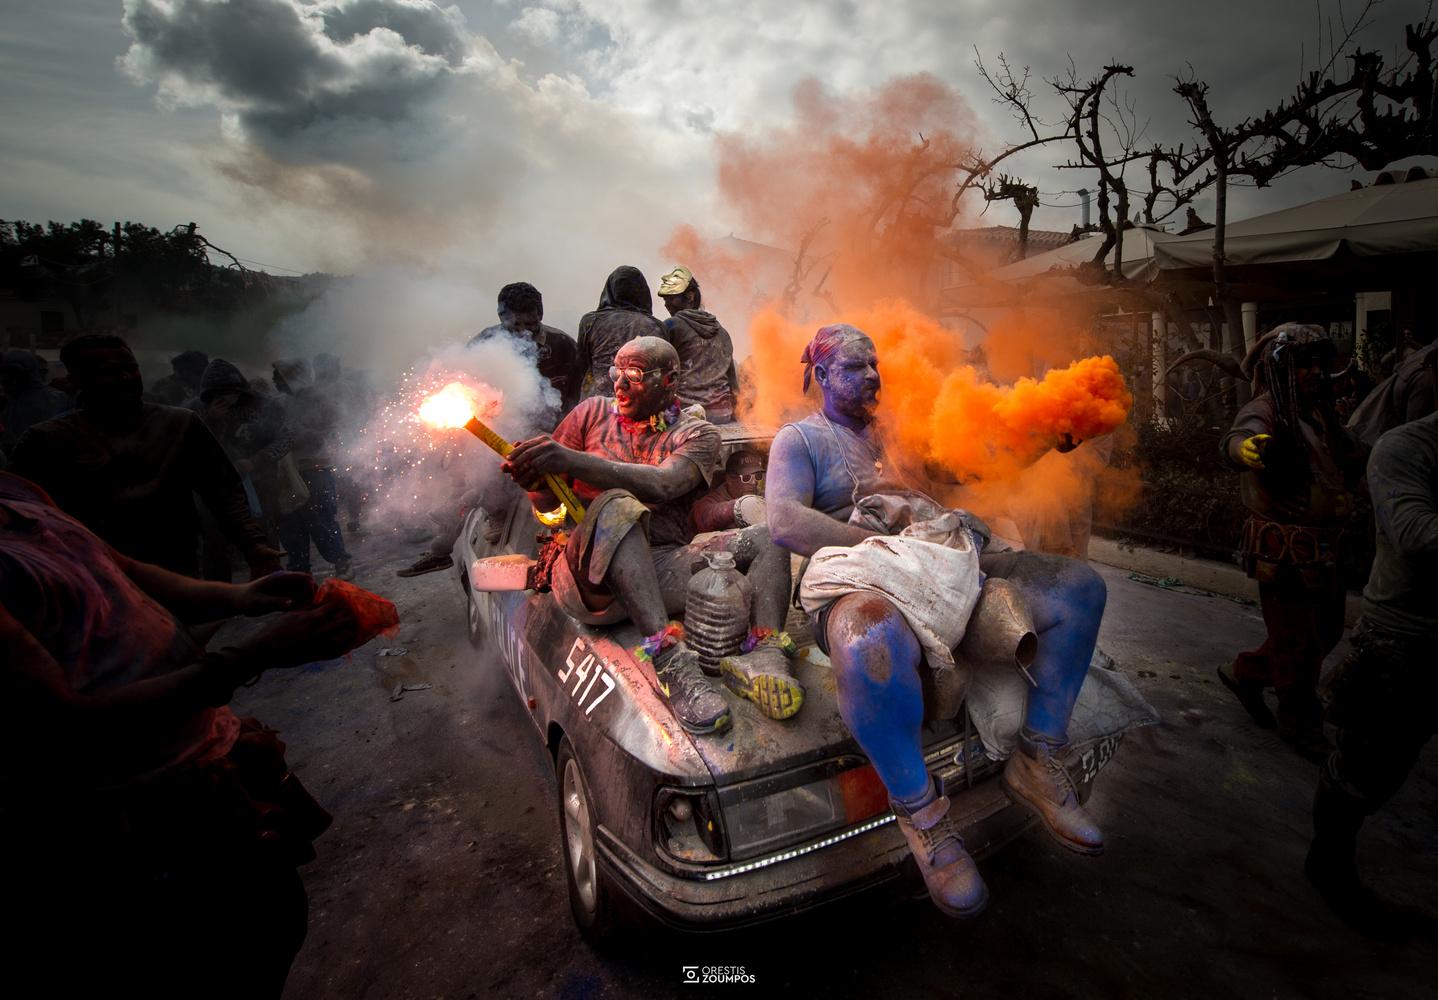 Colorflour by Orestis Zoumpos